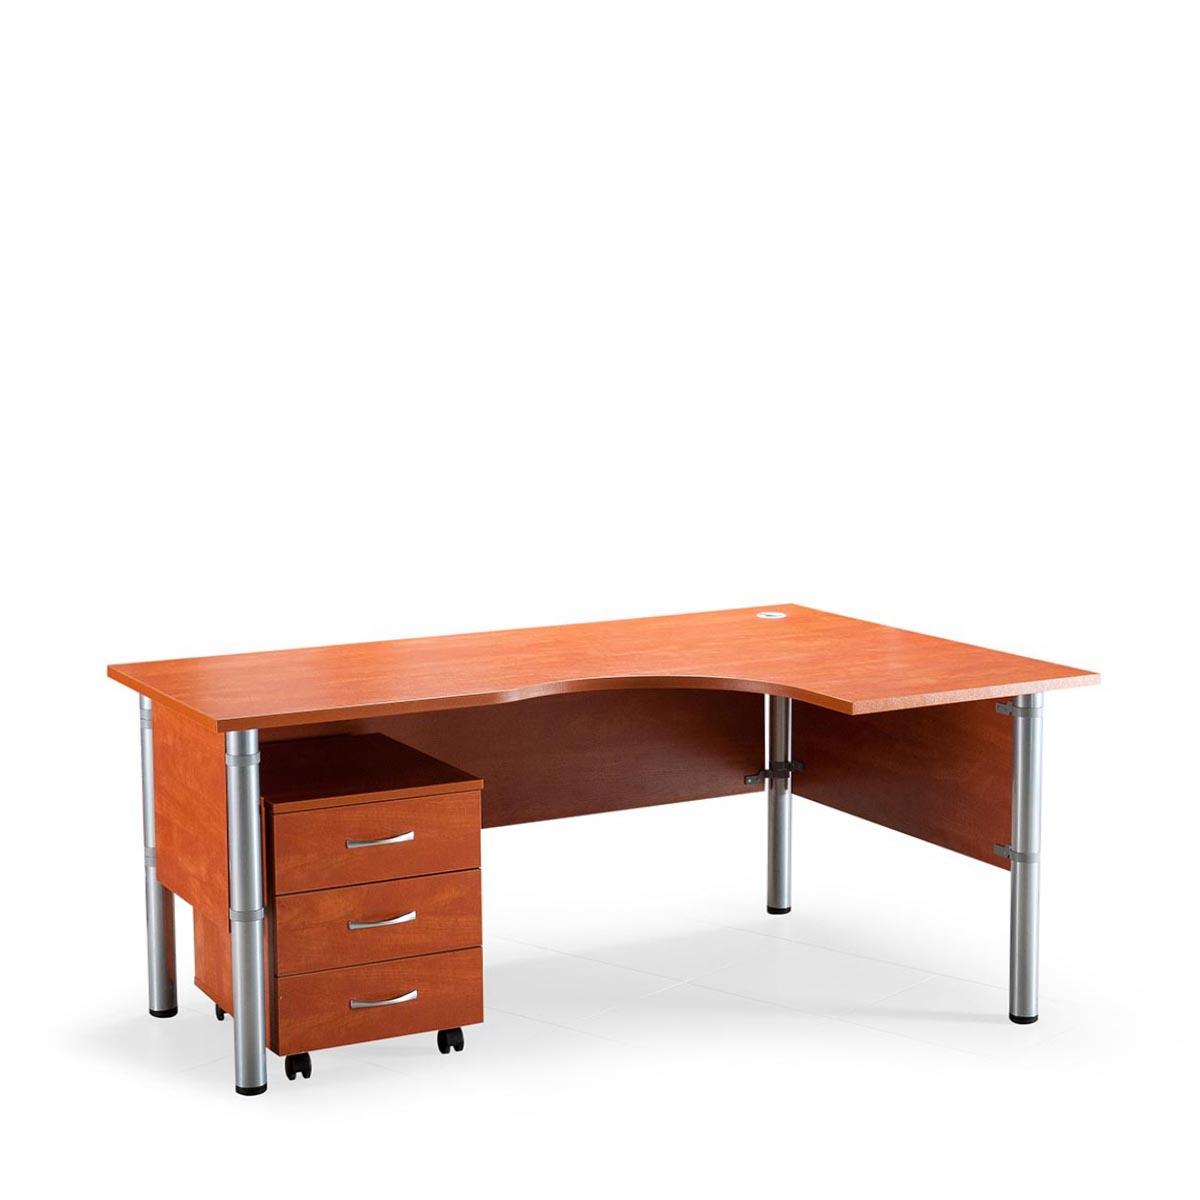 Mūsų baldai pagal užsakymą